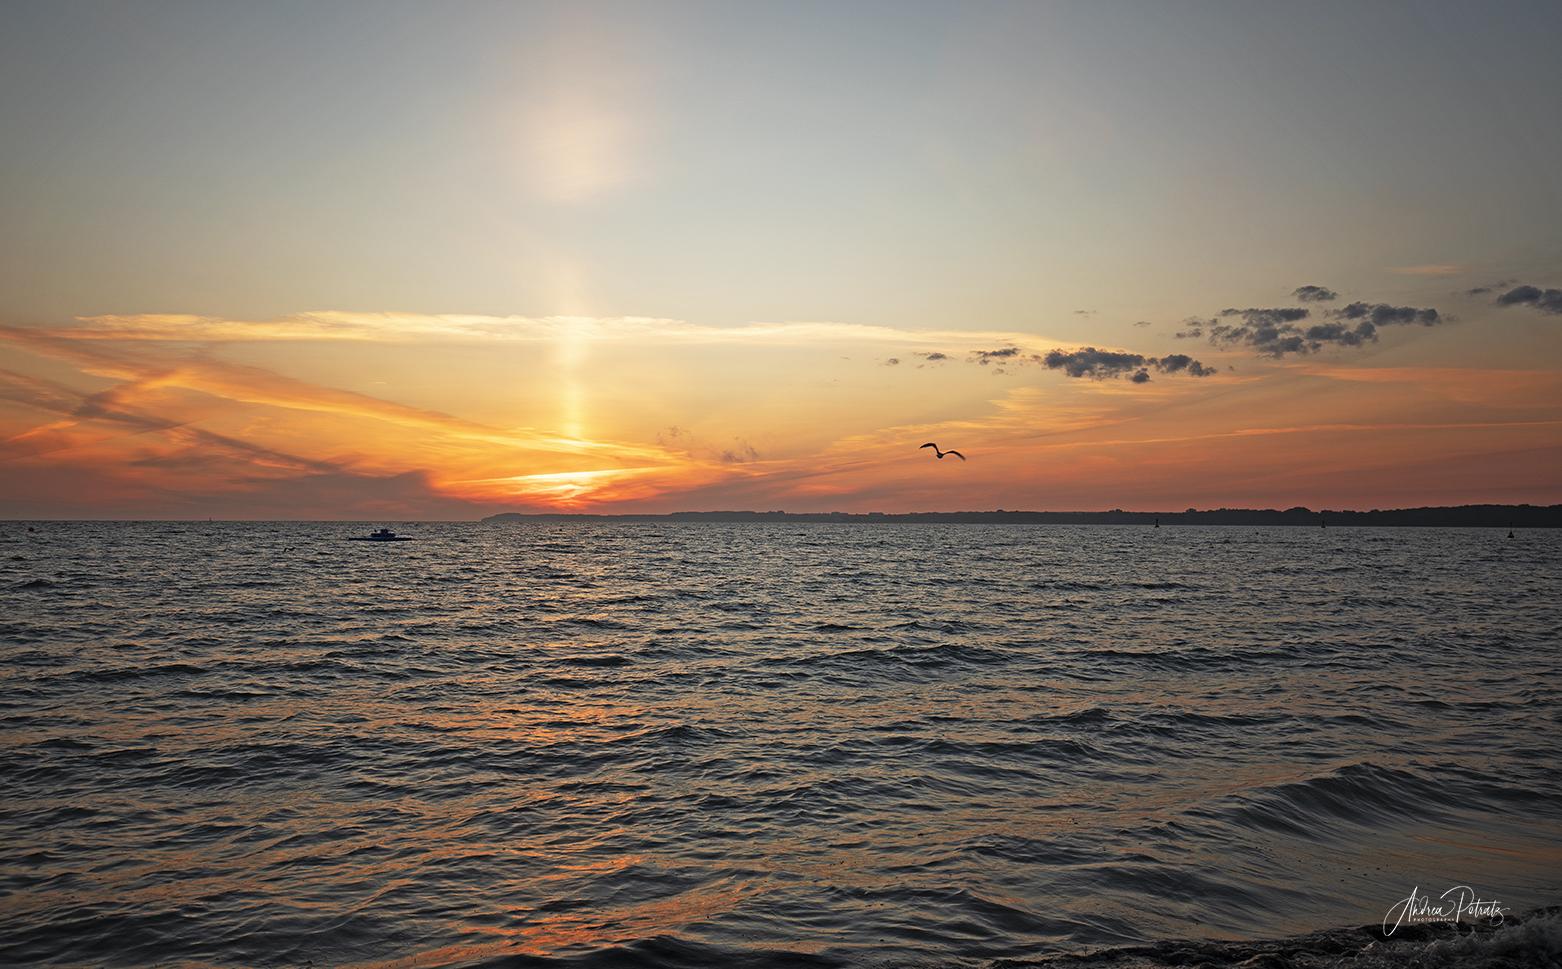 Endlich mal wieder den Sonnenaufgang an der Ostsee genießen